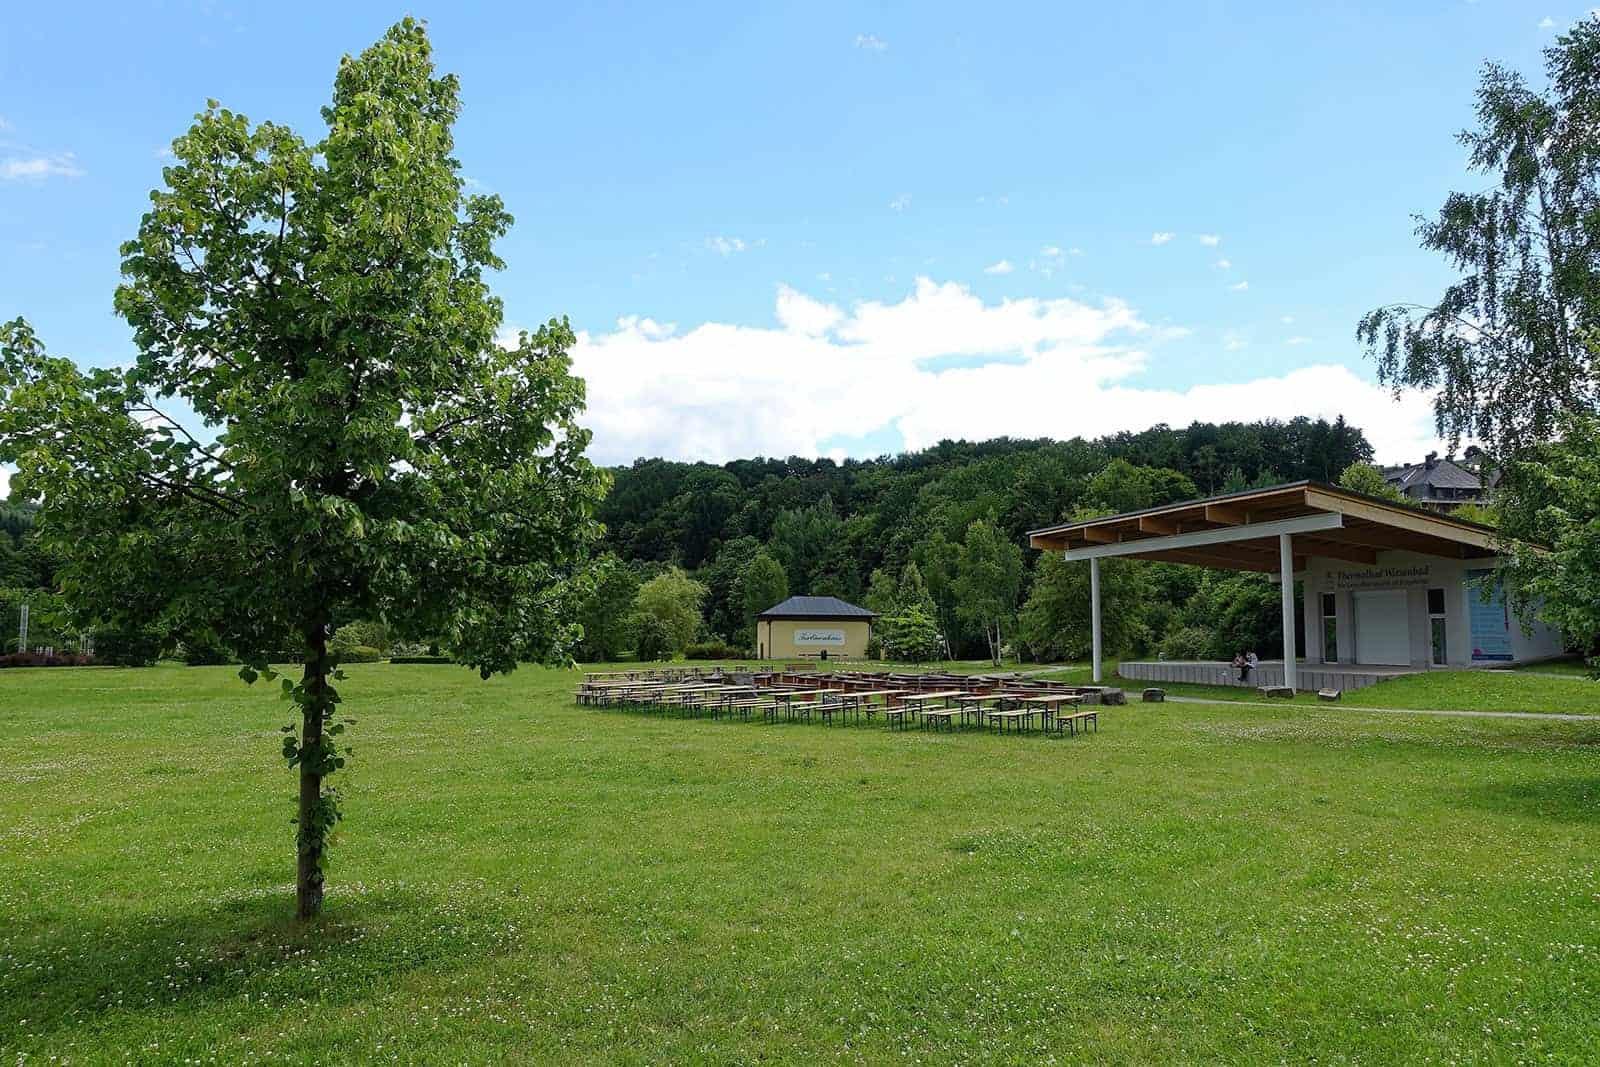 Kurpark in Wiesenbad mit Veranstaltungspavillion